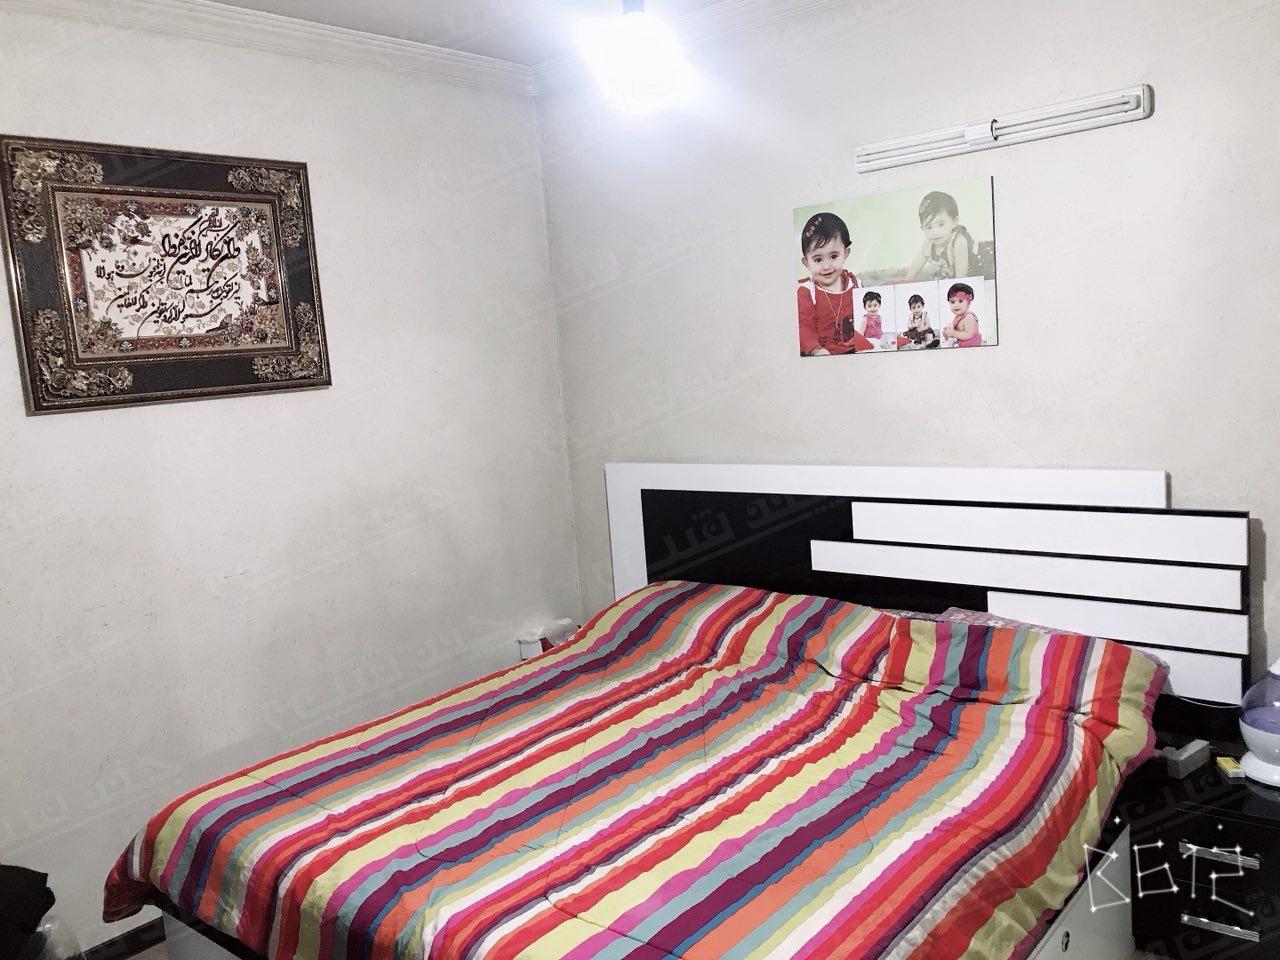 اجاره آپارتمان مبله در اصفهان - 19